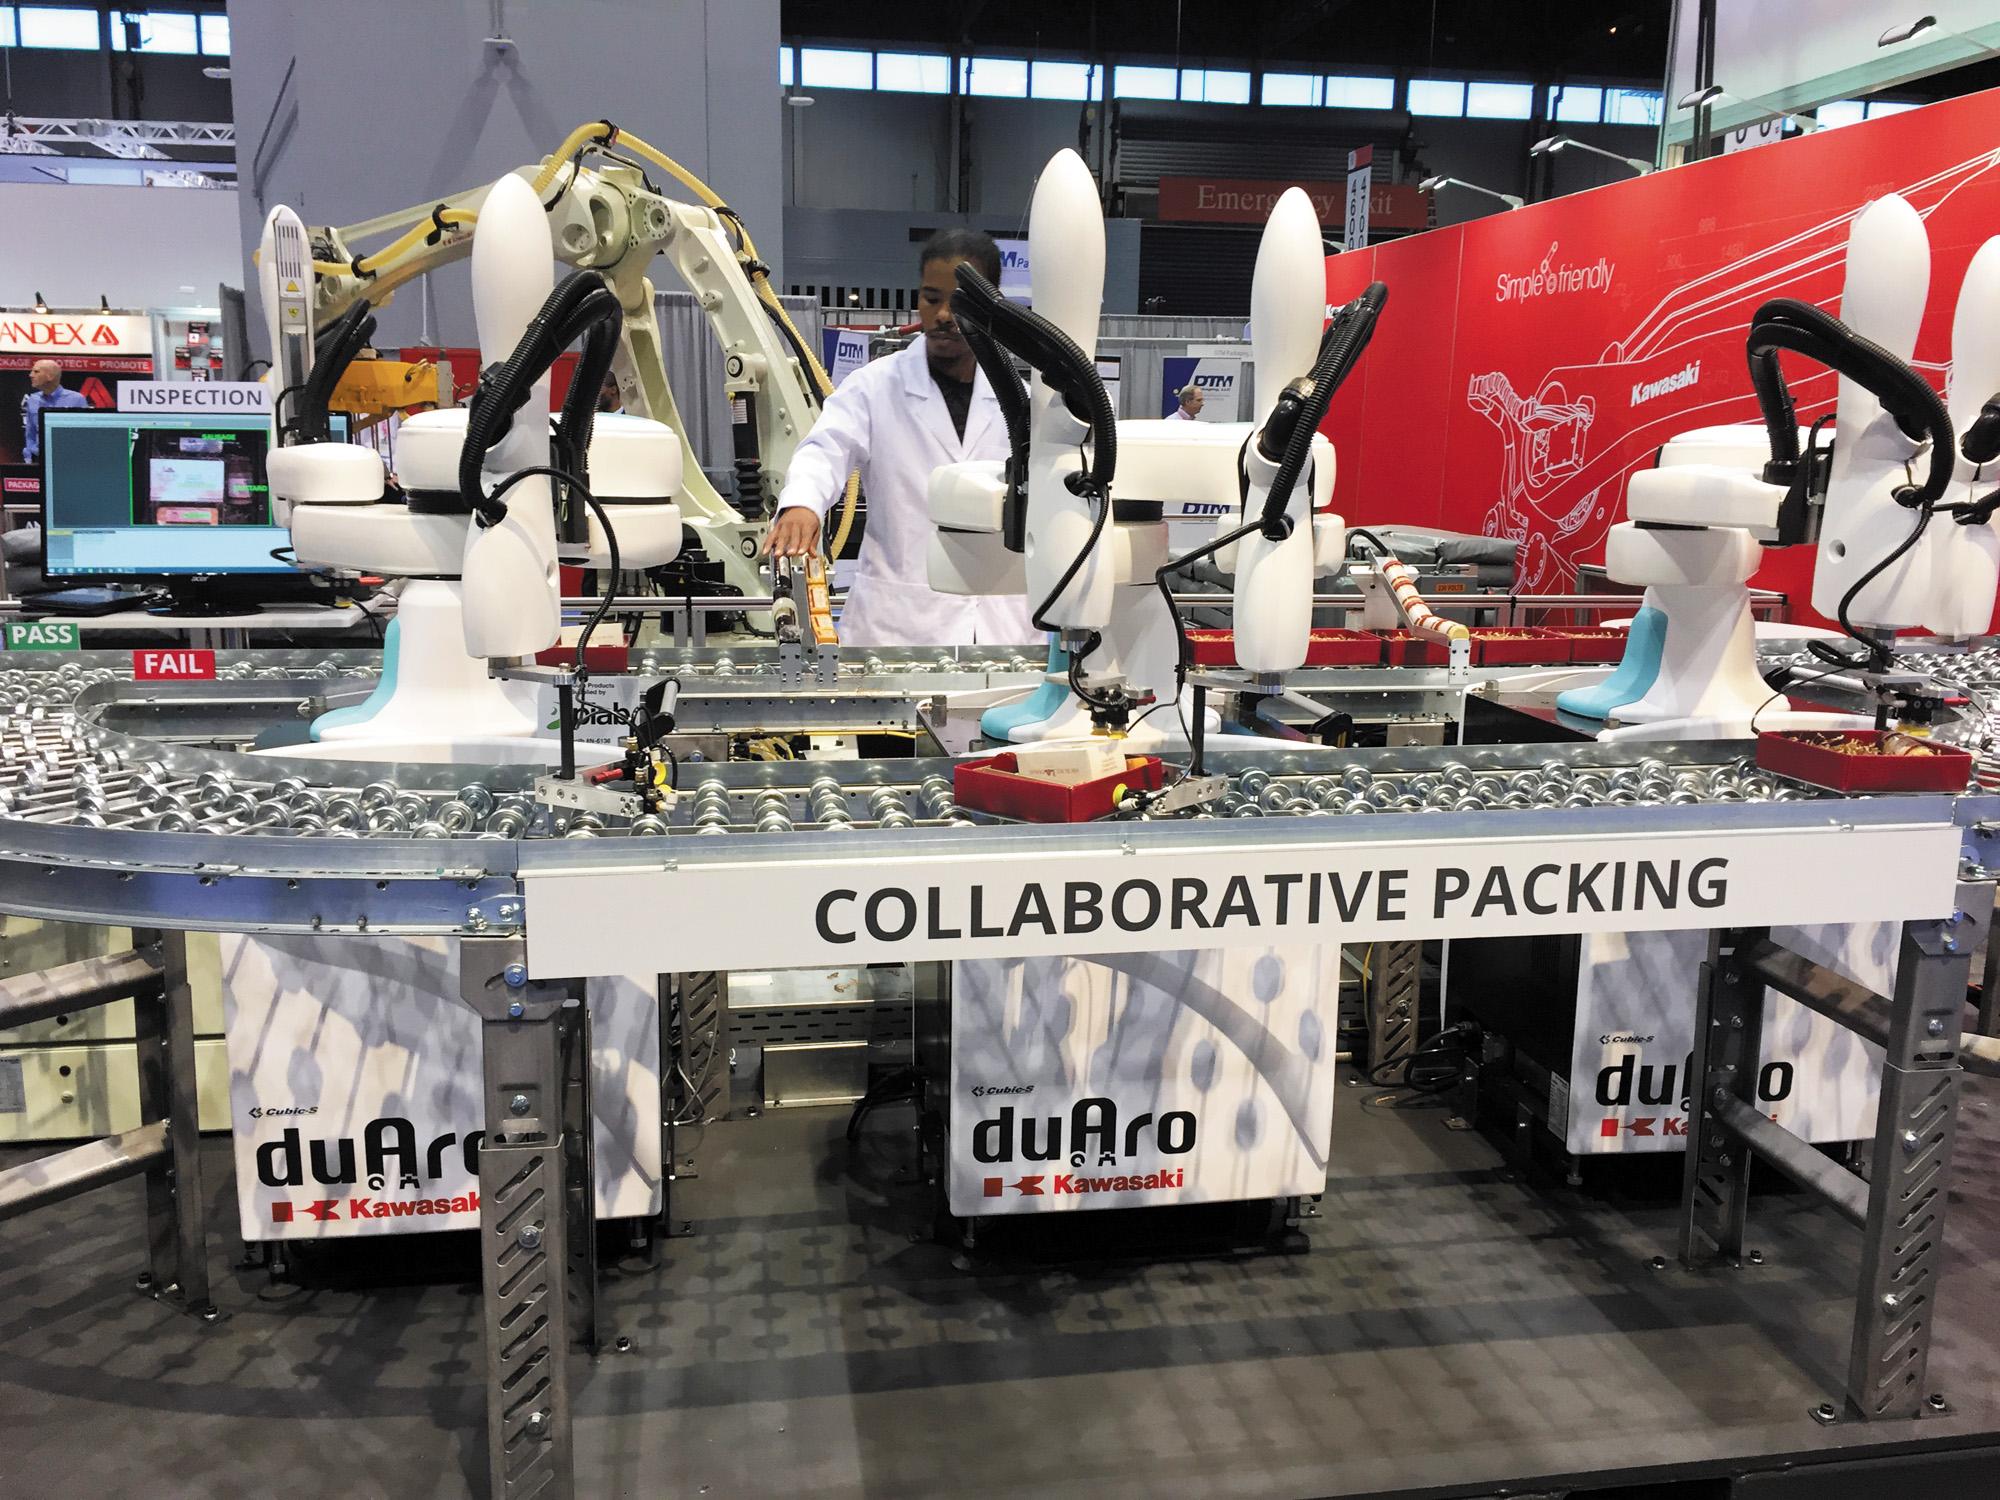 Двухманипуляторный робот